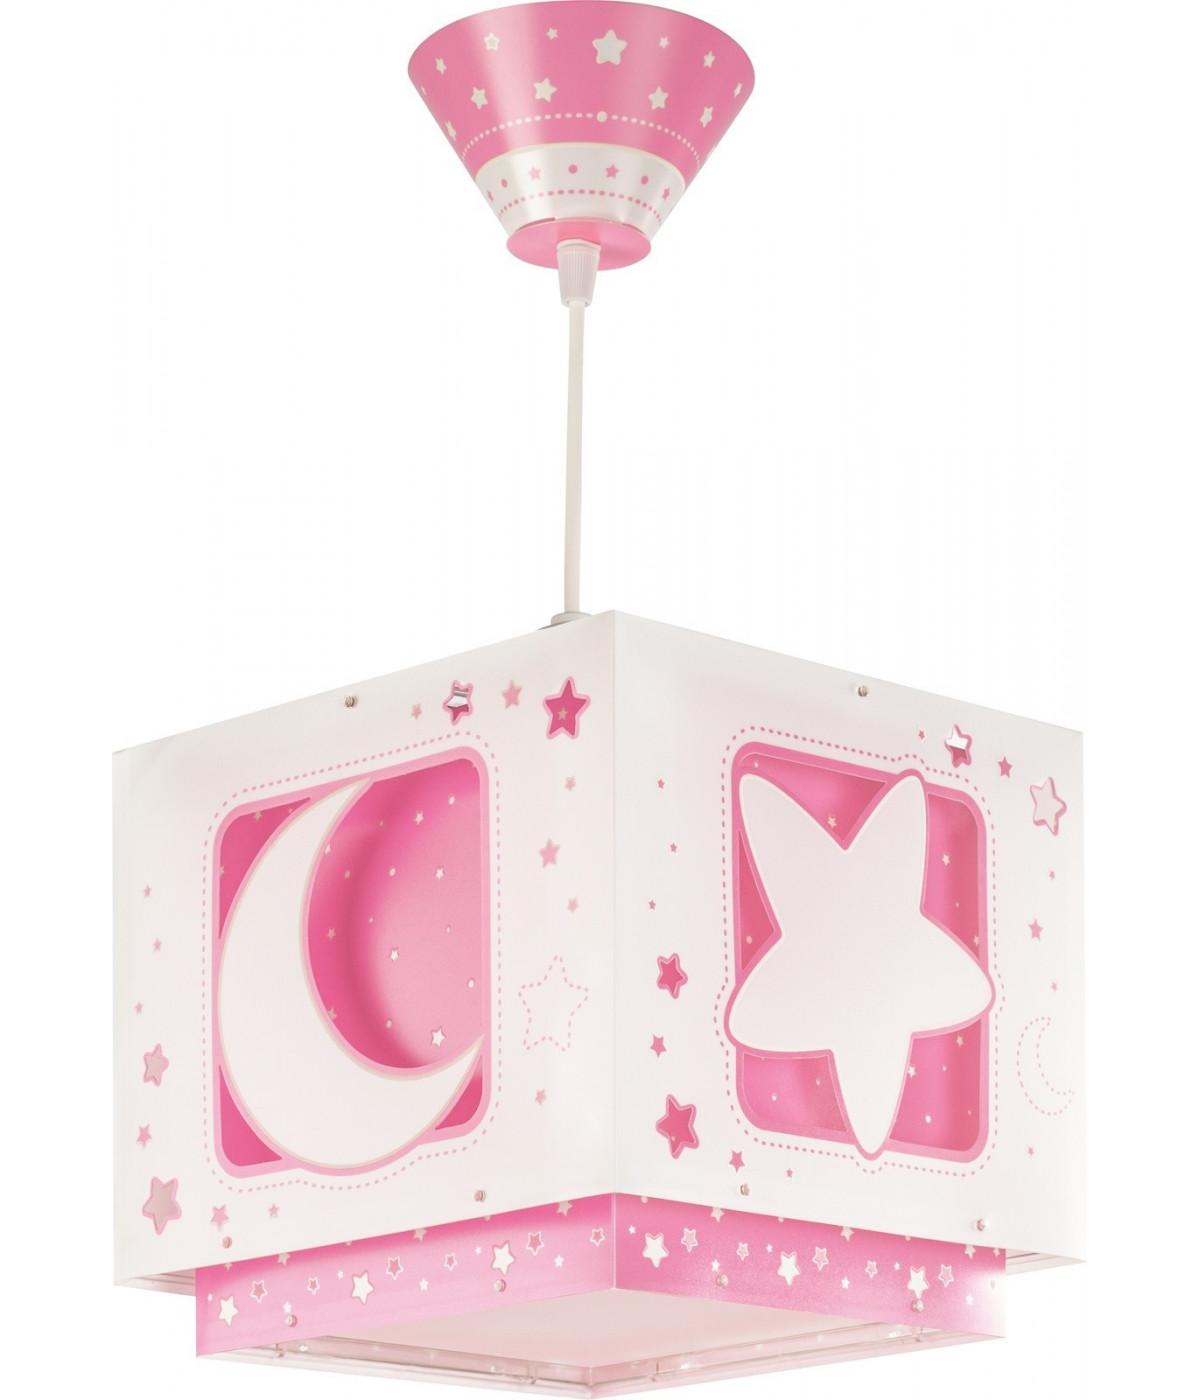 Lampada a sospensione per bambini Moonlight rosa